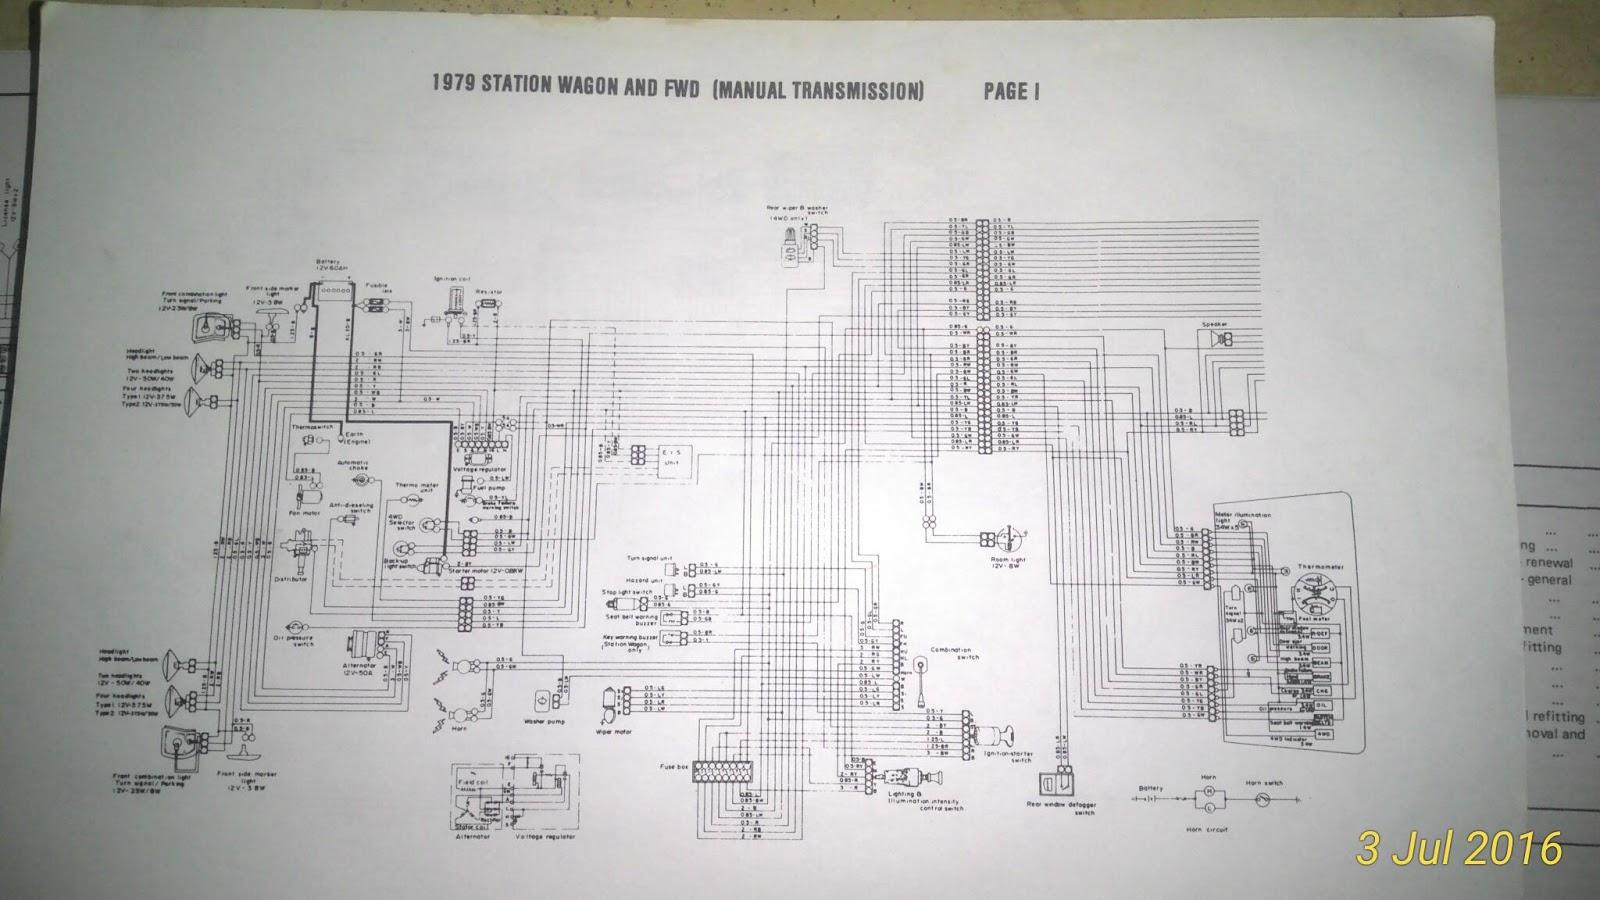 1GEN Brumby/Brat - Wiring diagrams